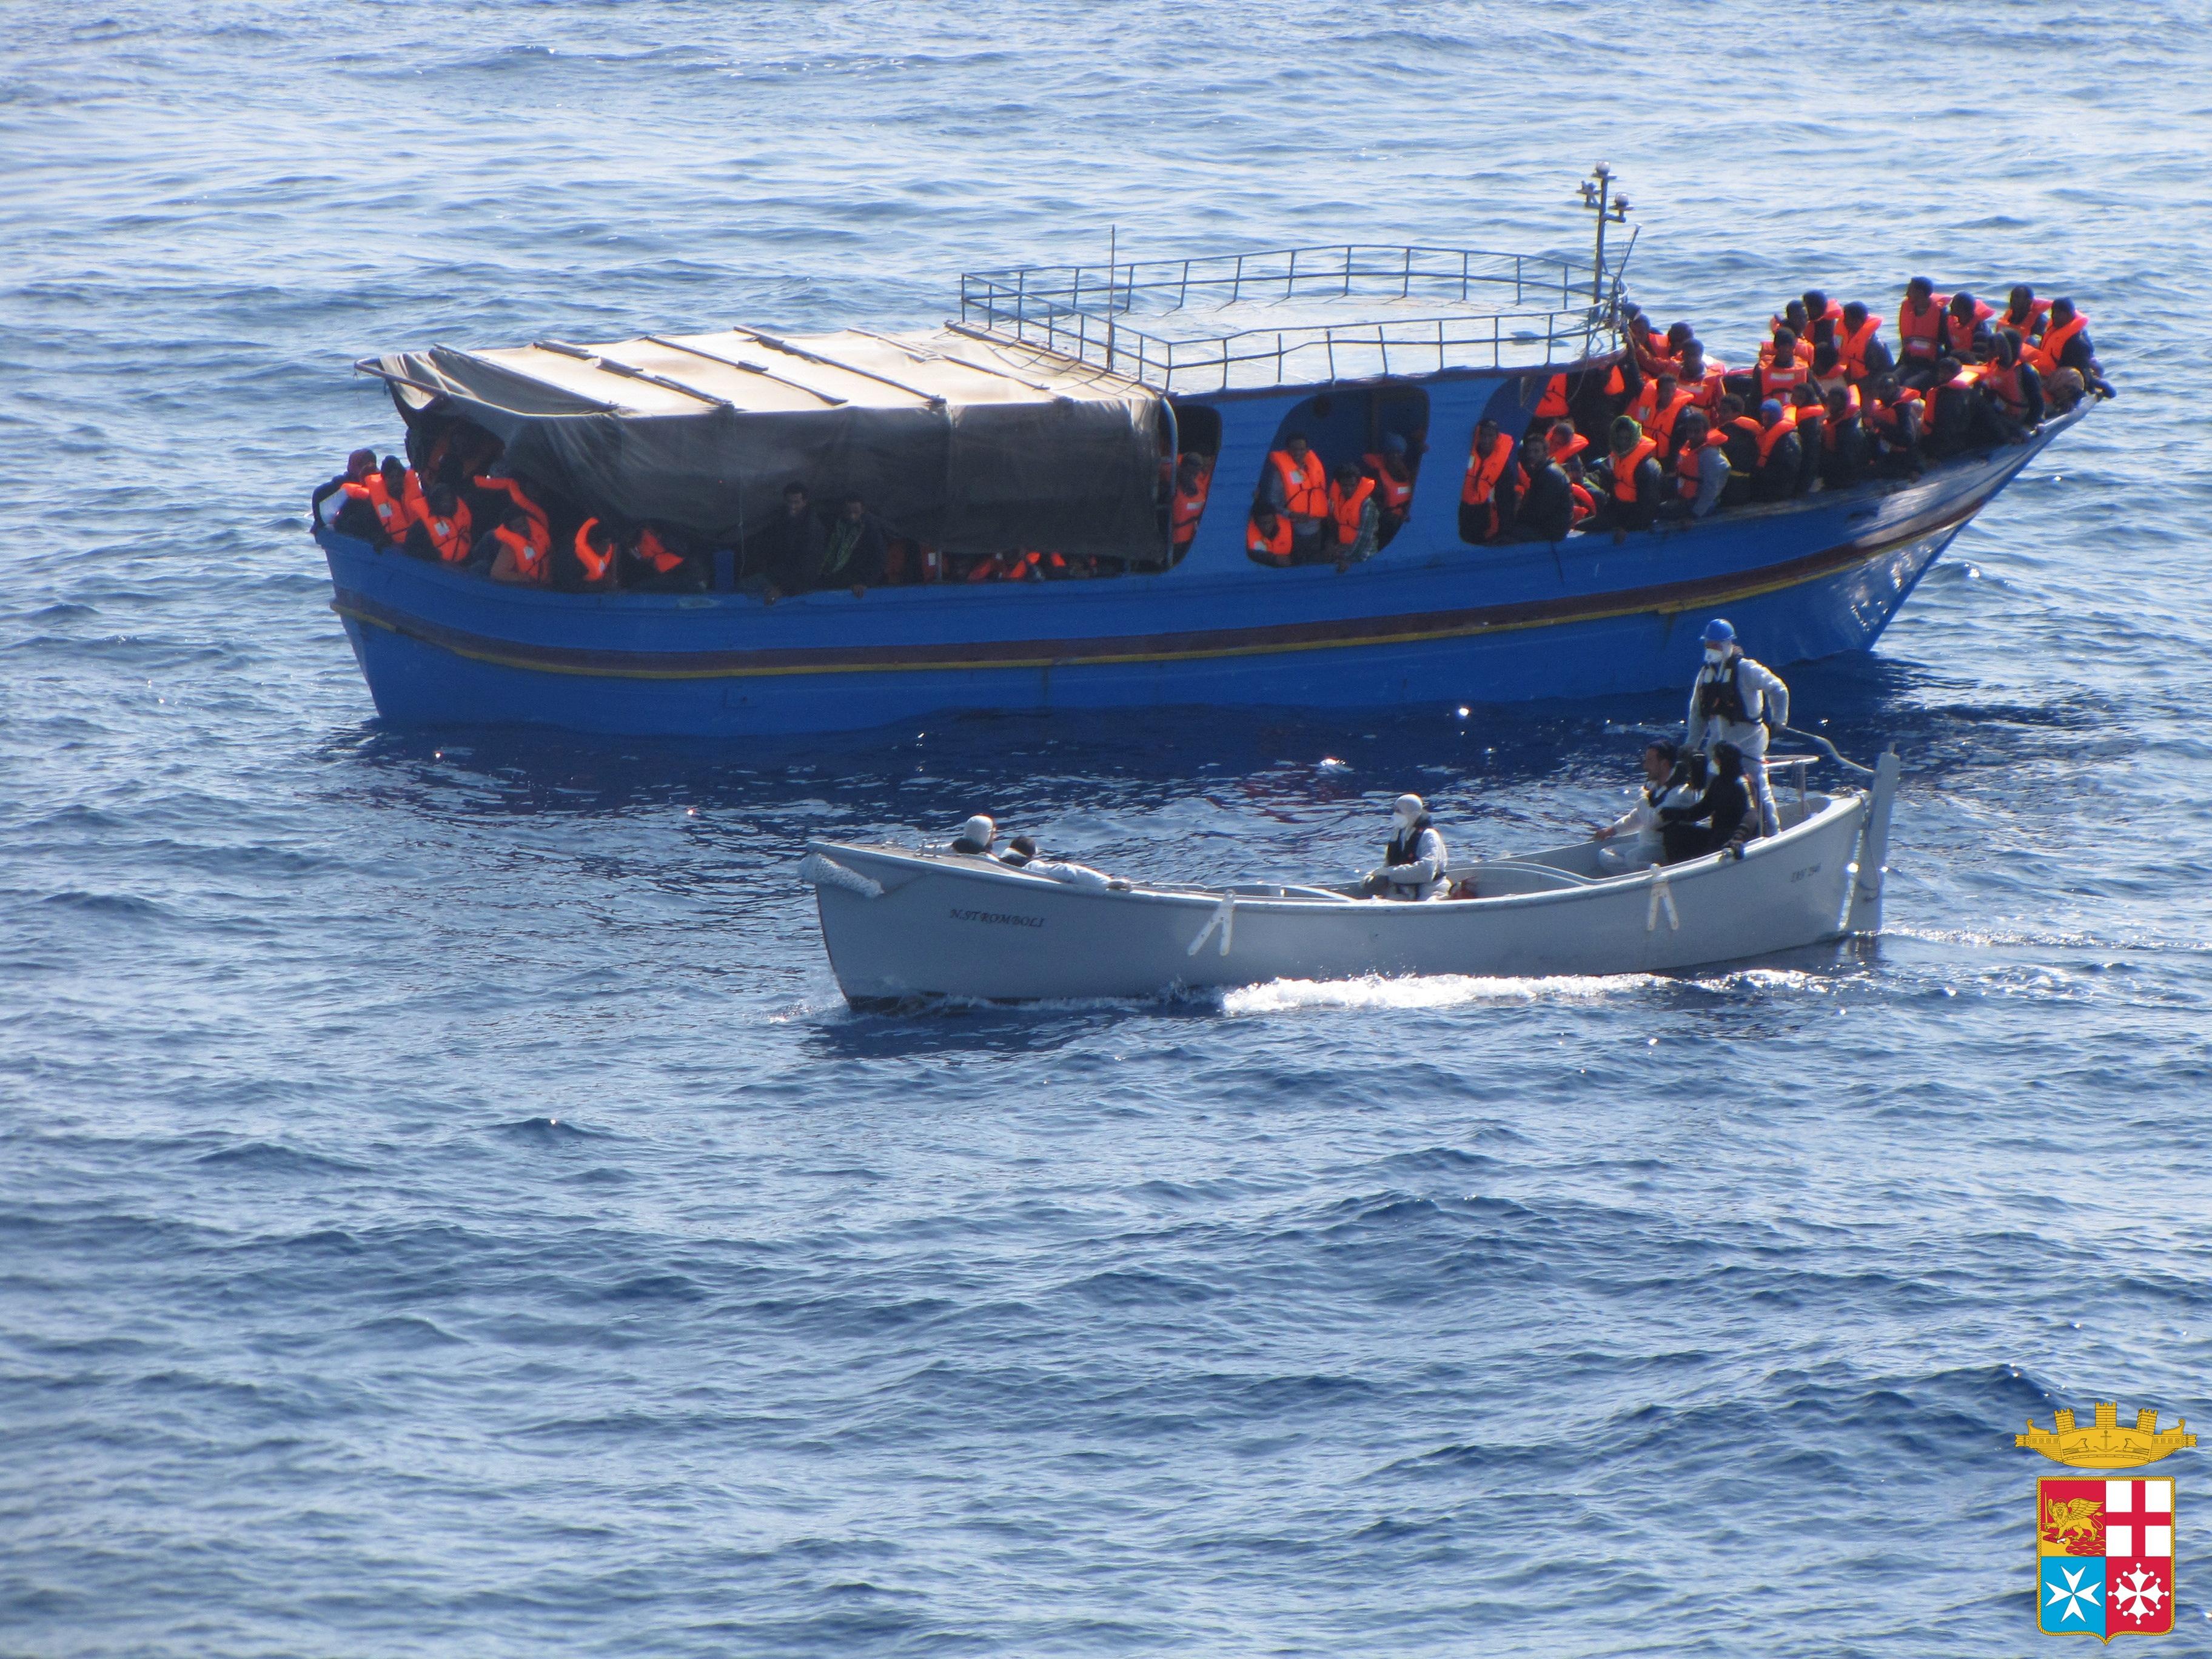 mare-nostrum-marina-lampedusa-migranti